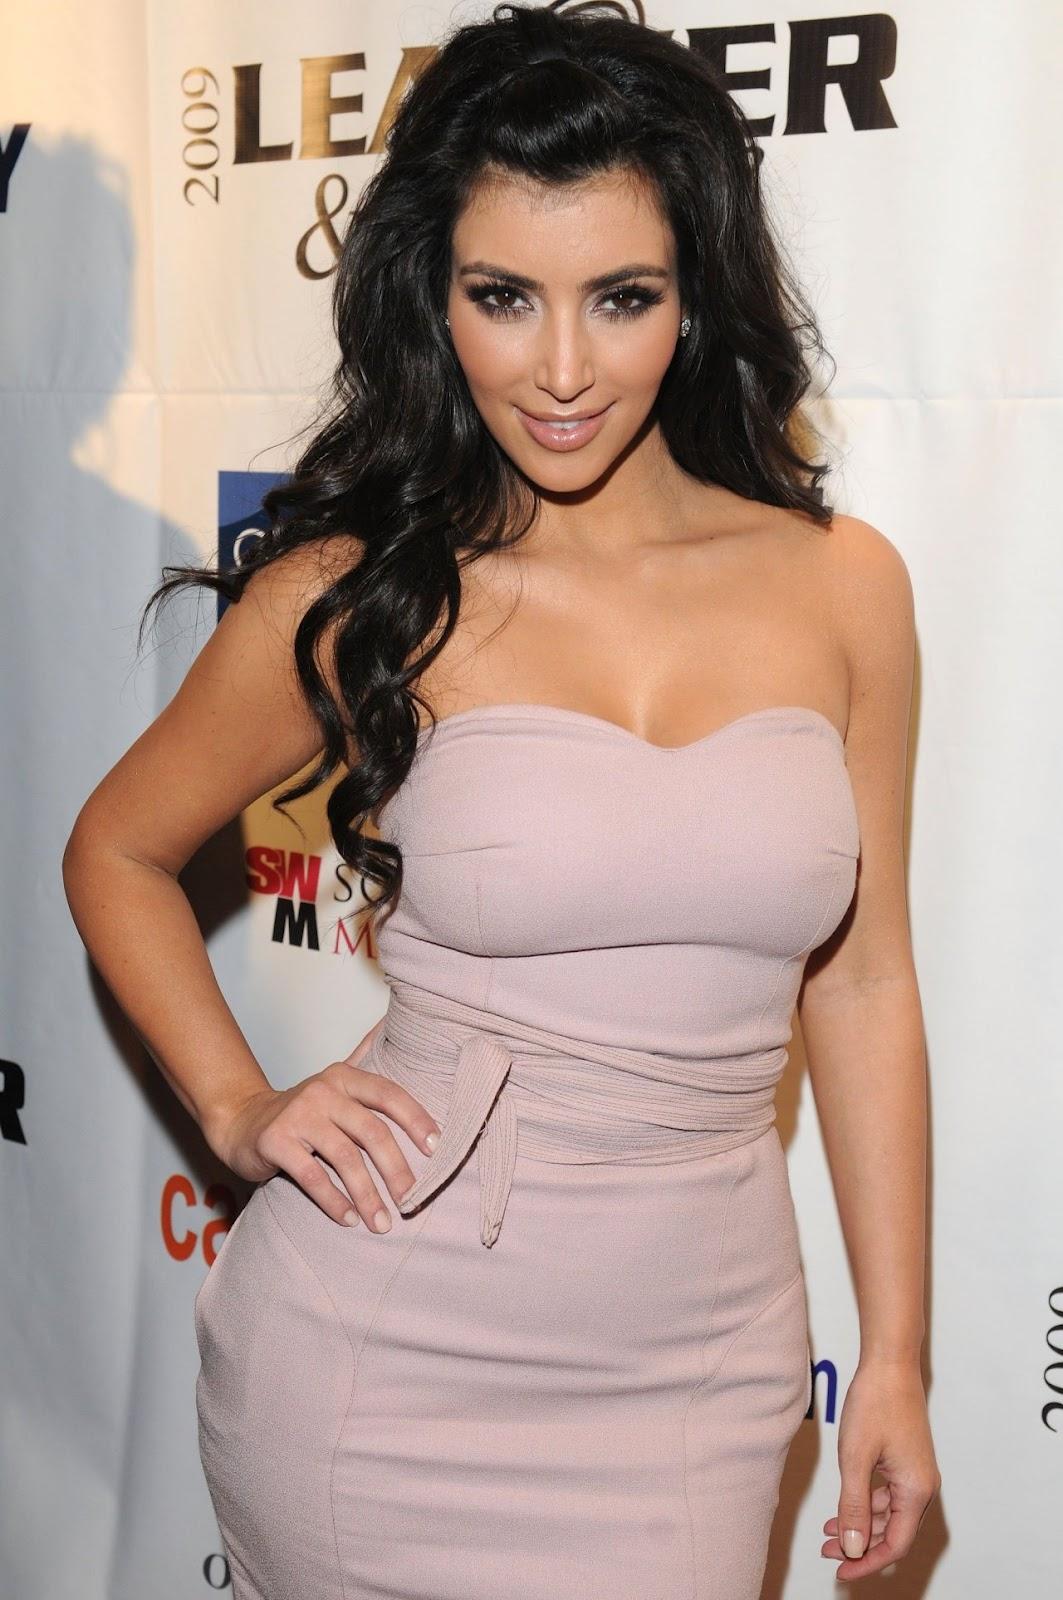 http://1.bp.blogspot.com/-feRVGVknURY/T4ewzrOO6ZI/AAAAAAAAALM/vdg1hHJIyvo/s1600/kim_kardashian.jpg